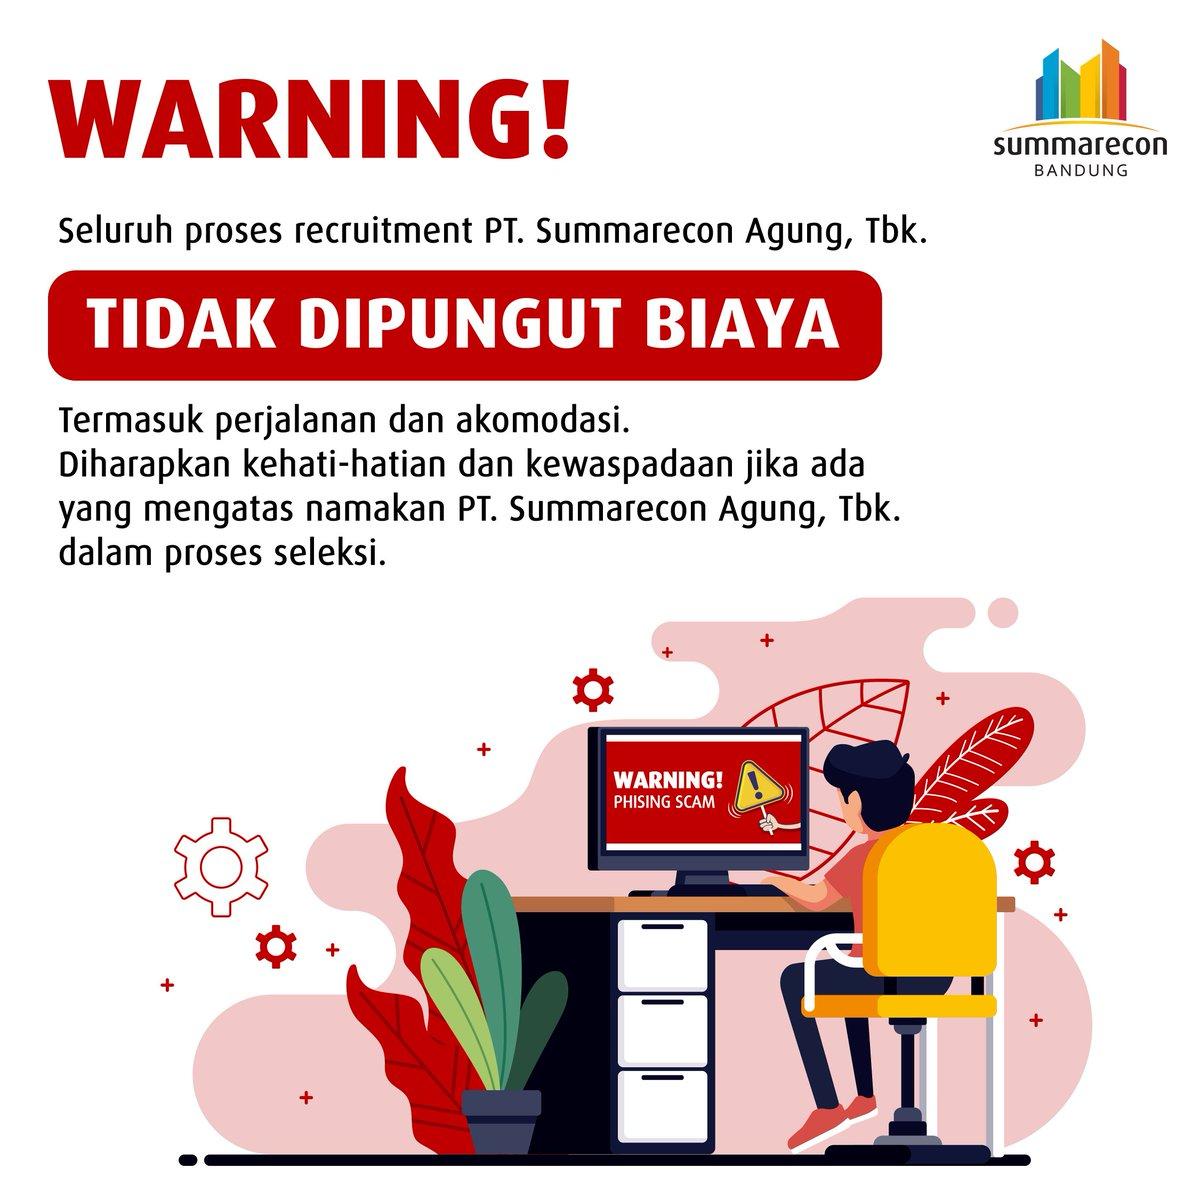 Wargi Bandung, harap berhati-hati terhadap penipuan jika ada yang mengatasnamakan PT Summarecon Agung Tbk., atau Summarecon Bandung dalam rekruitmen karyawan.   Seluruh proses seleksi tidak memungut biaya apapun kepada calon karyawan.  #SBDinfo #SummareconBandung https://t.co/j7iPXkg3gL